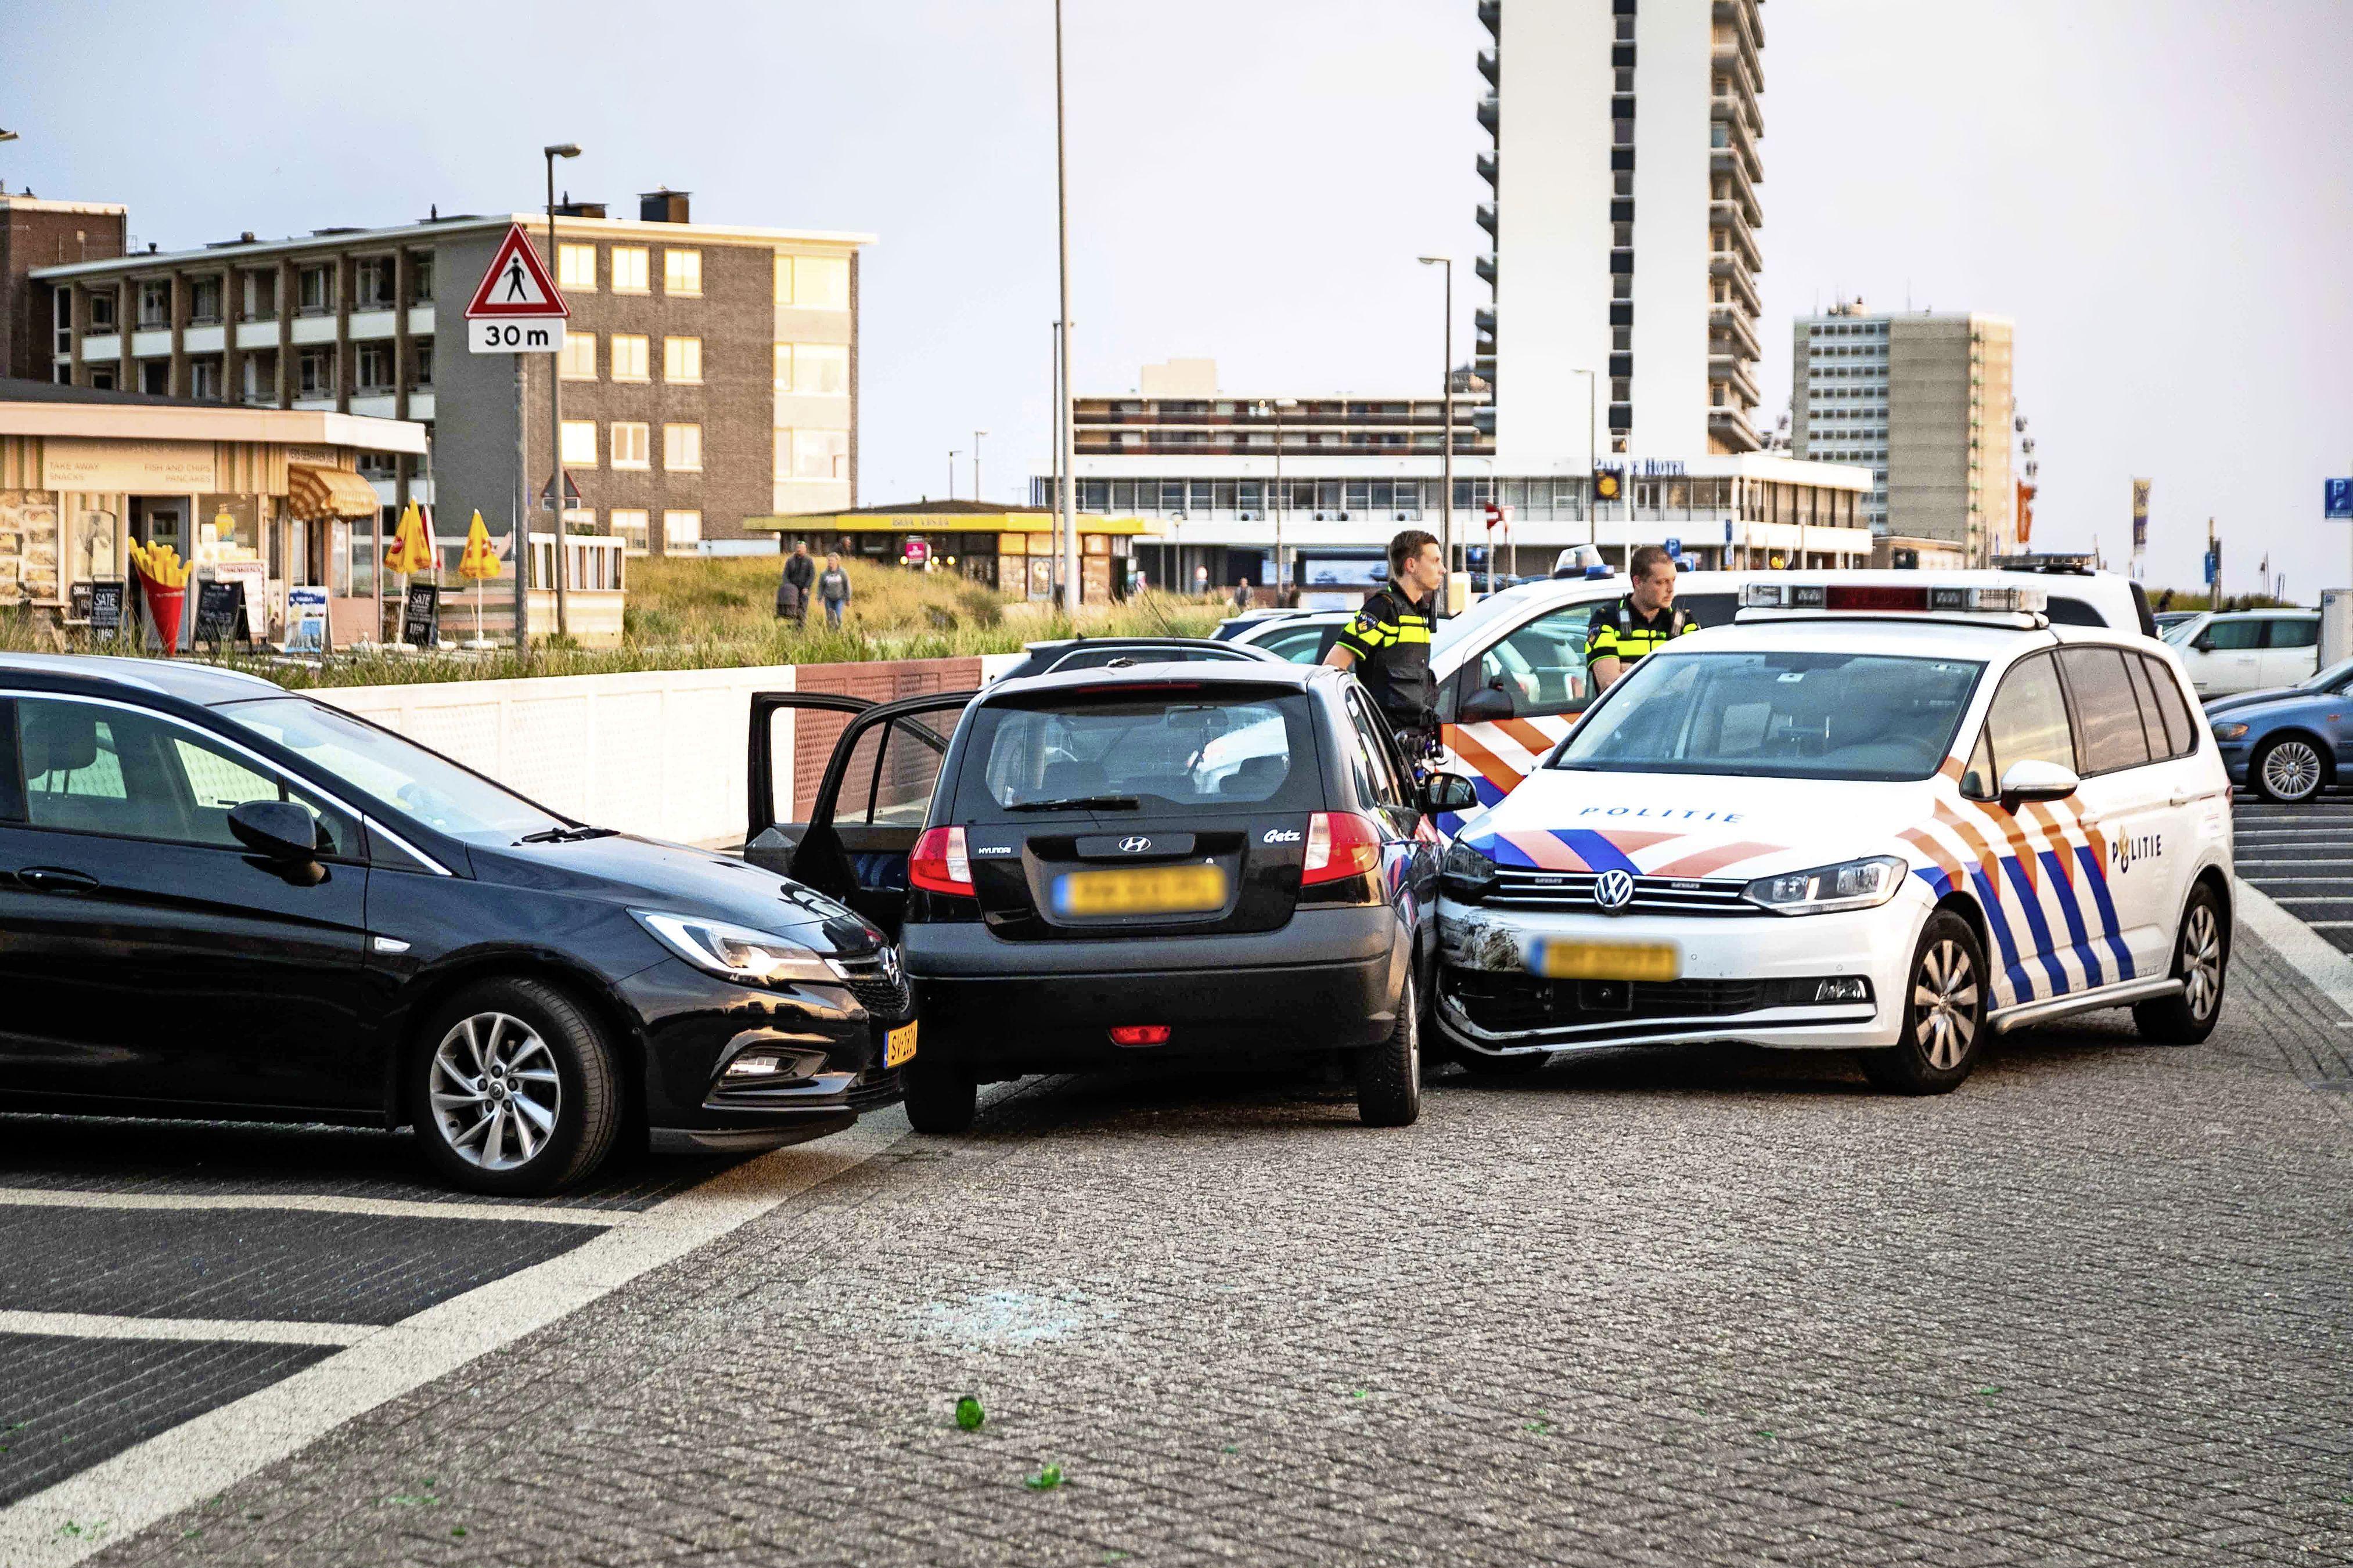 Man gearresteerd na veroorzaken overlast in Zandvoort; verdachte rijdt in op politieauto